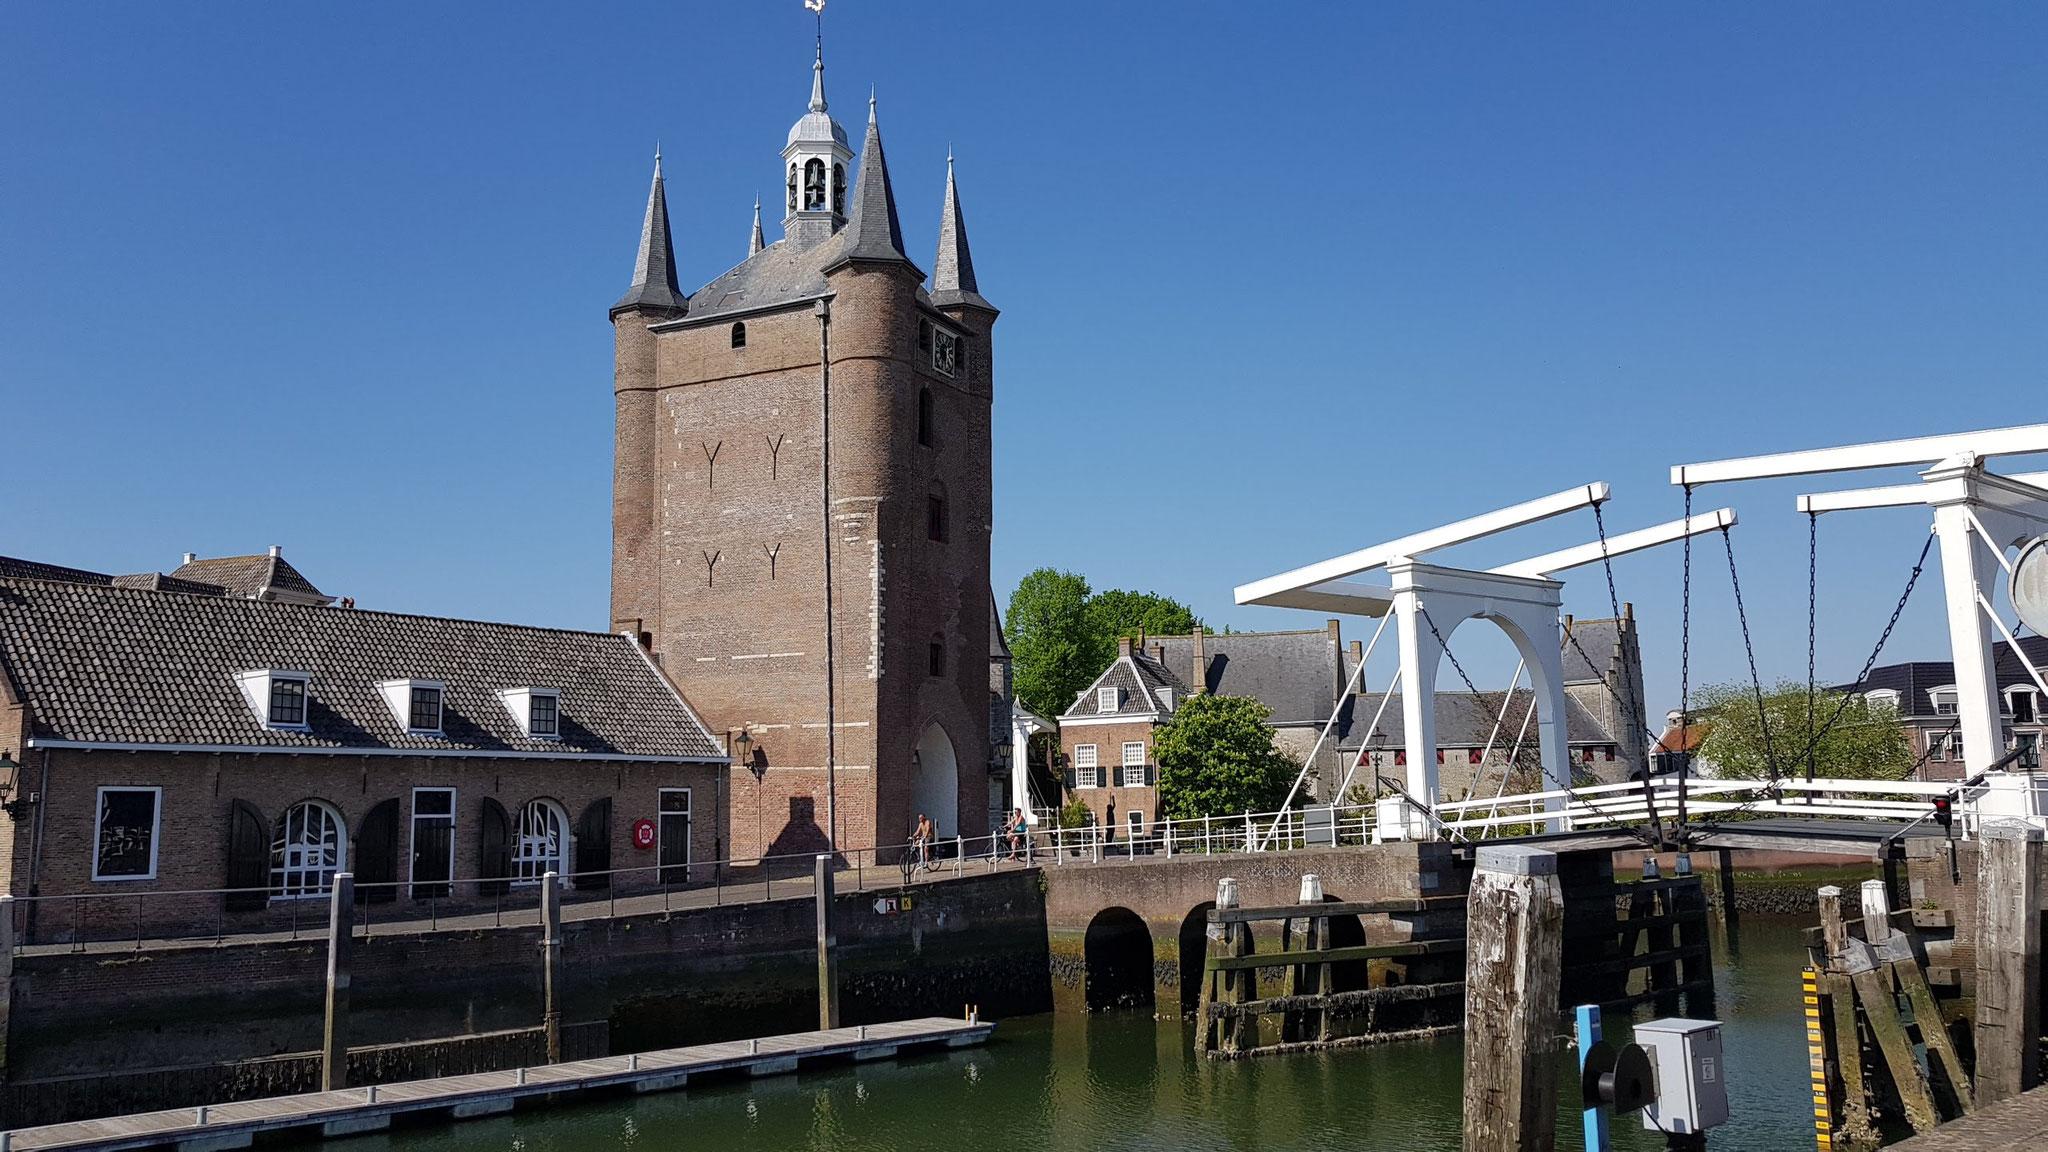 Schouwen- Duiveland - Alter Hafen Zierikzee